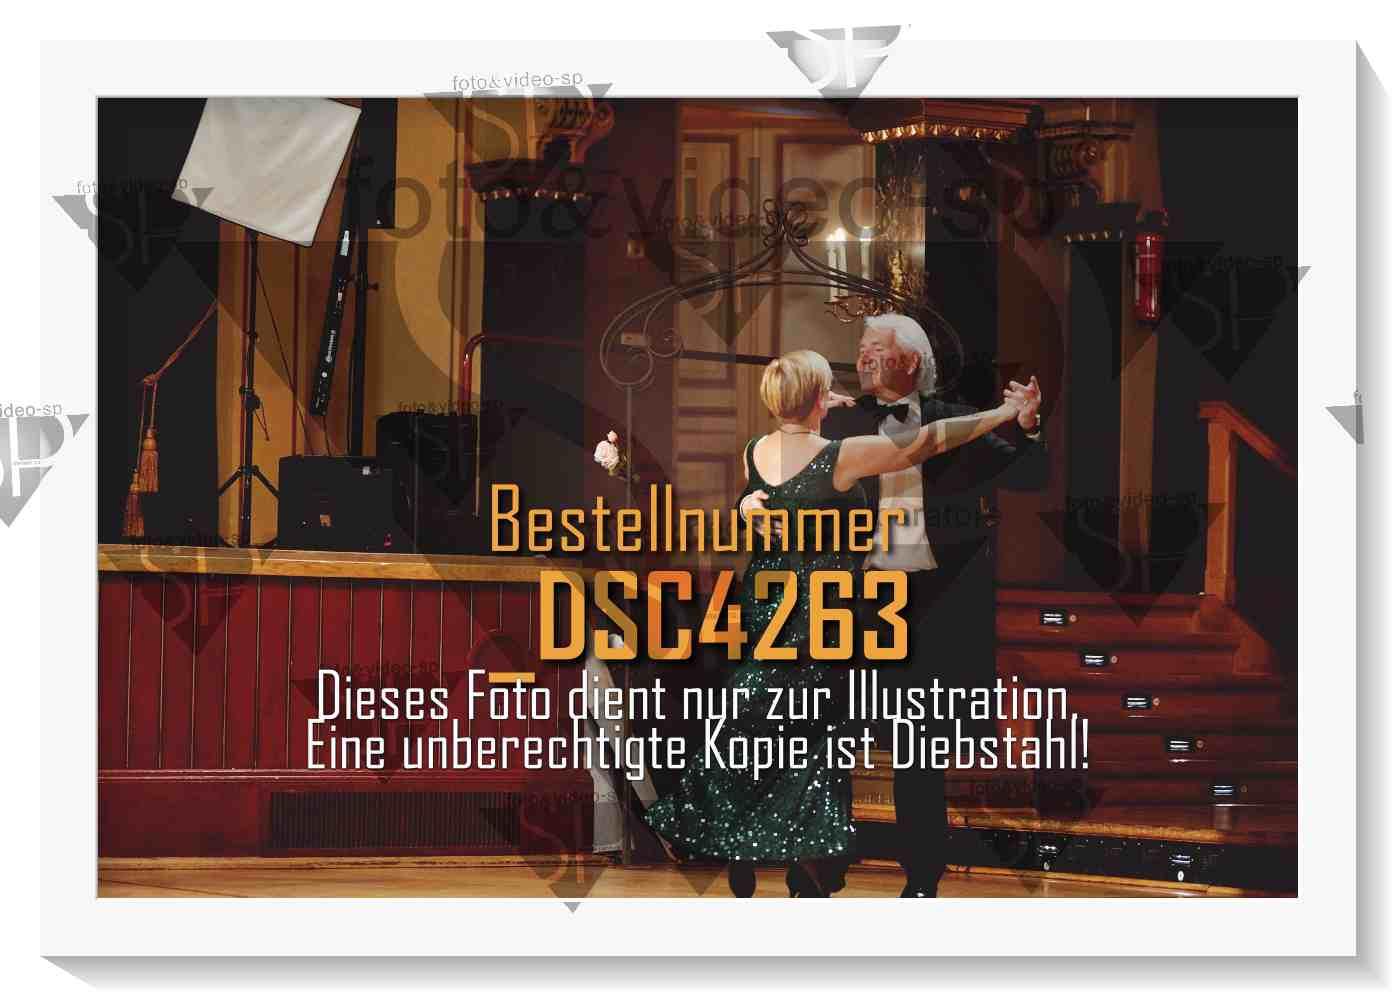 DSC4263